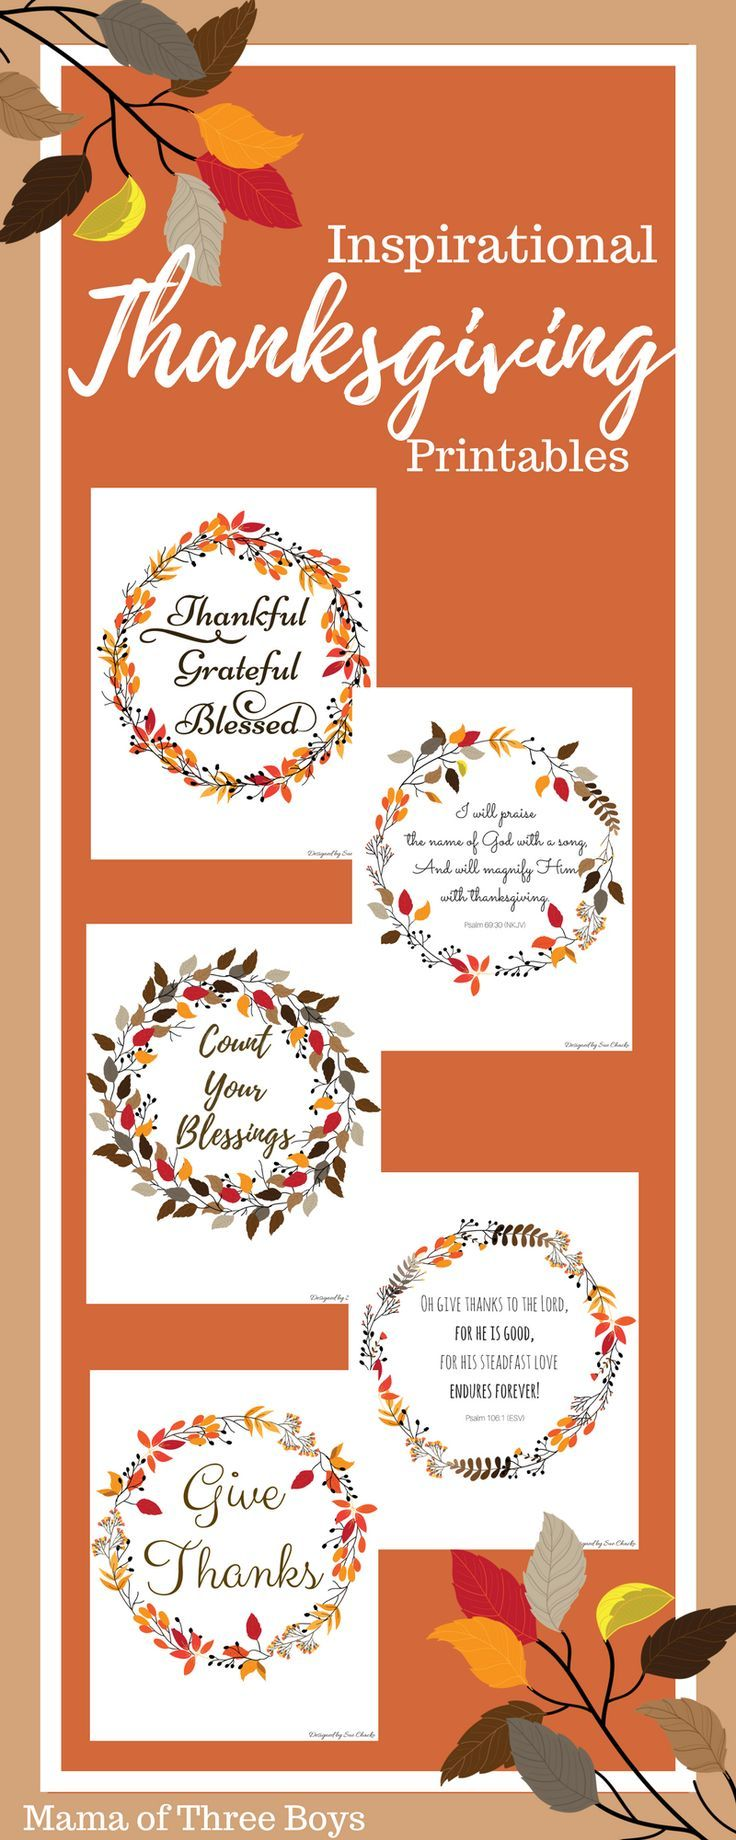 Free Inspirational Thanksgiving Printable. #Thanksgiving